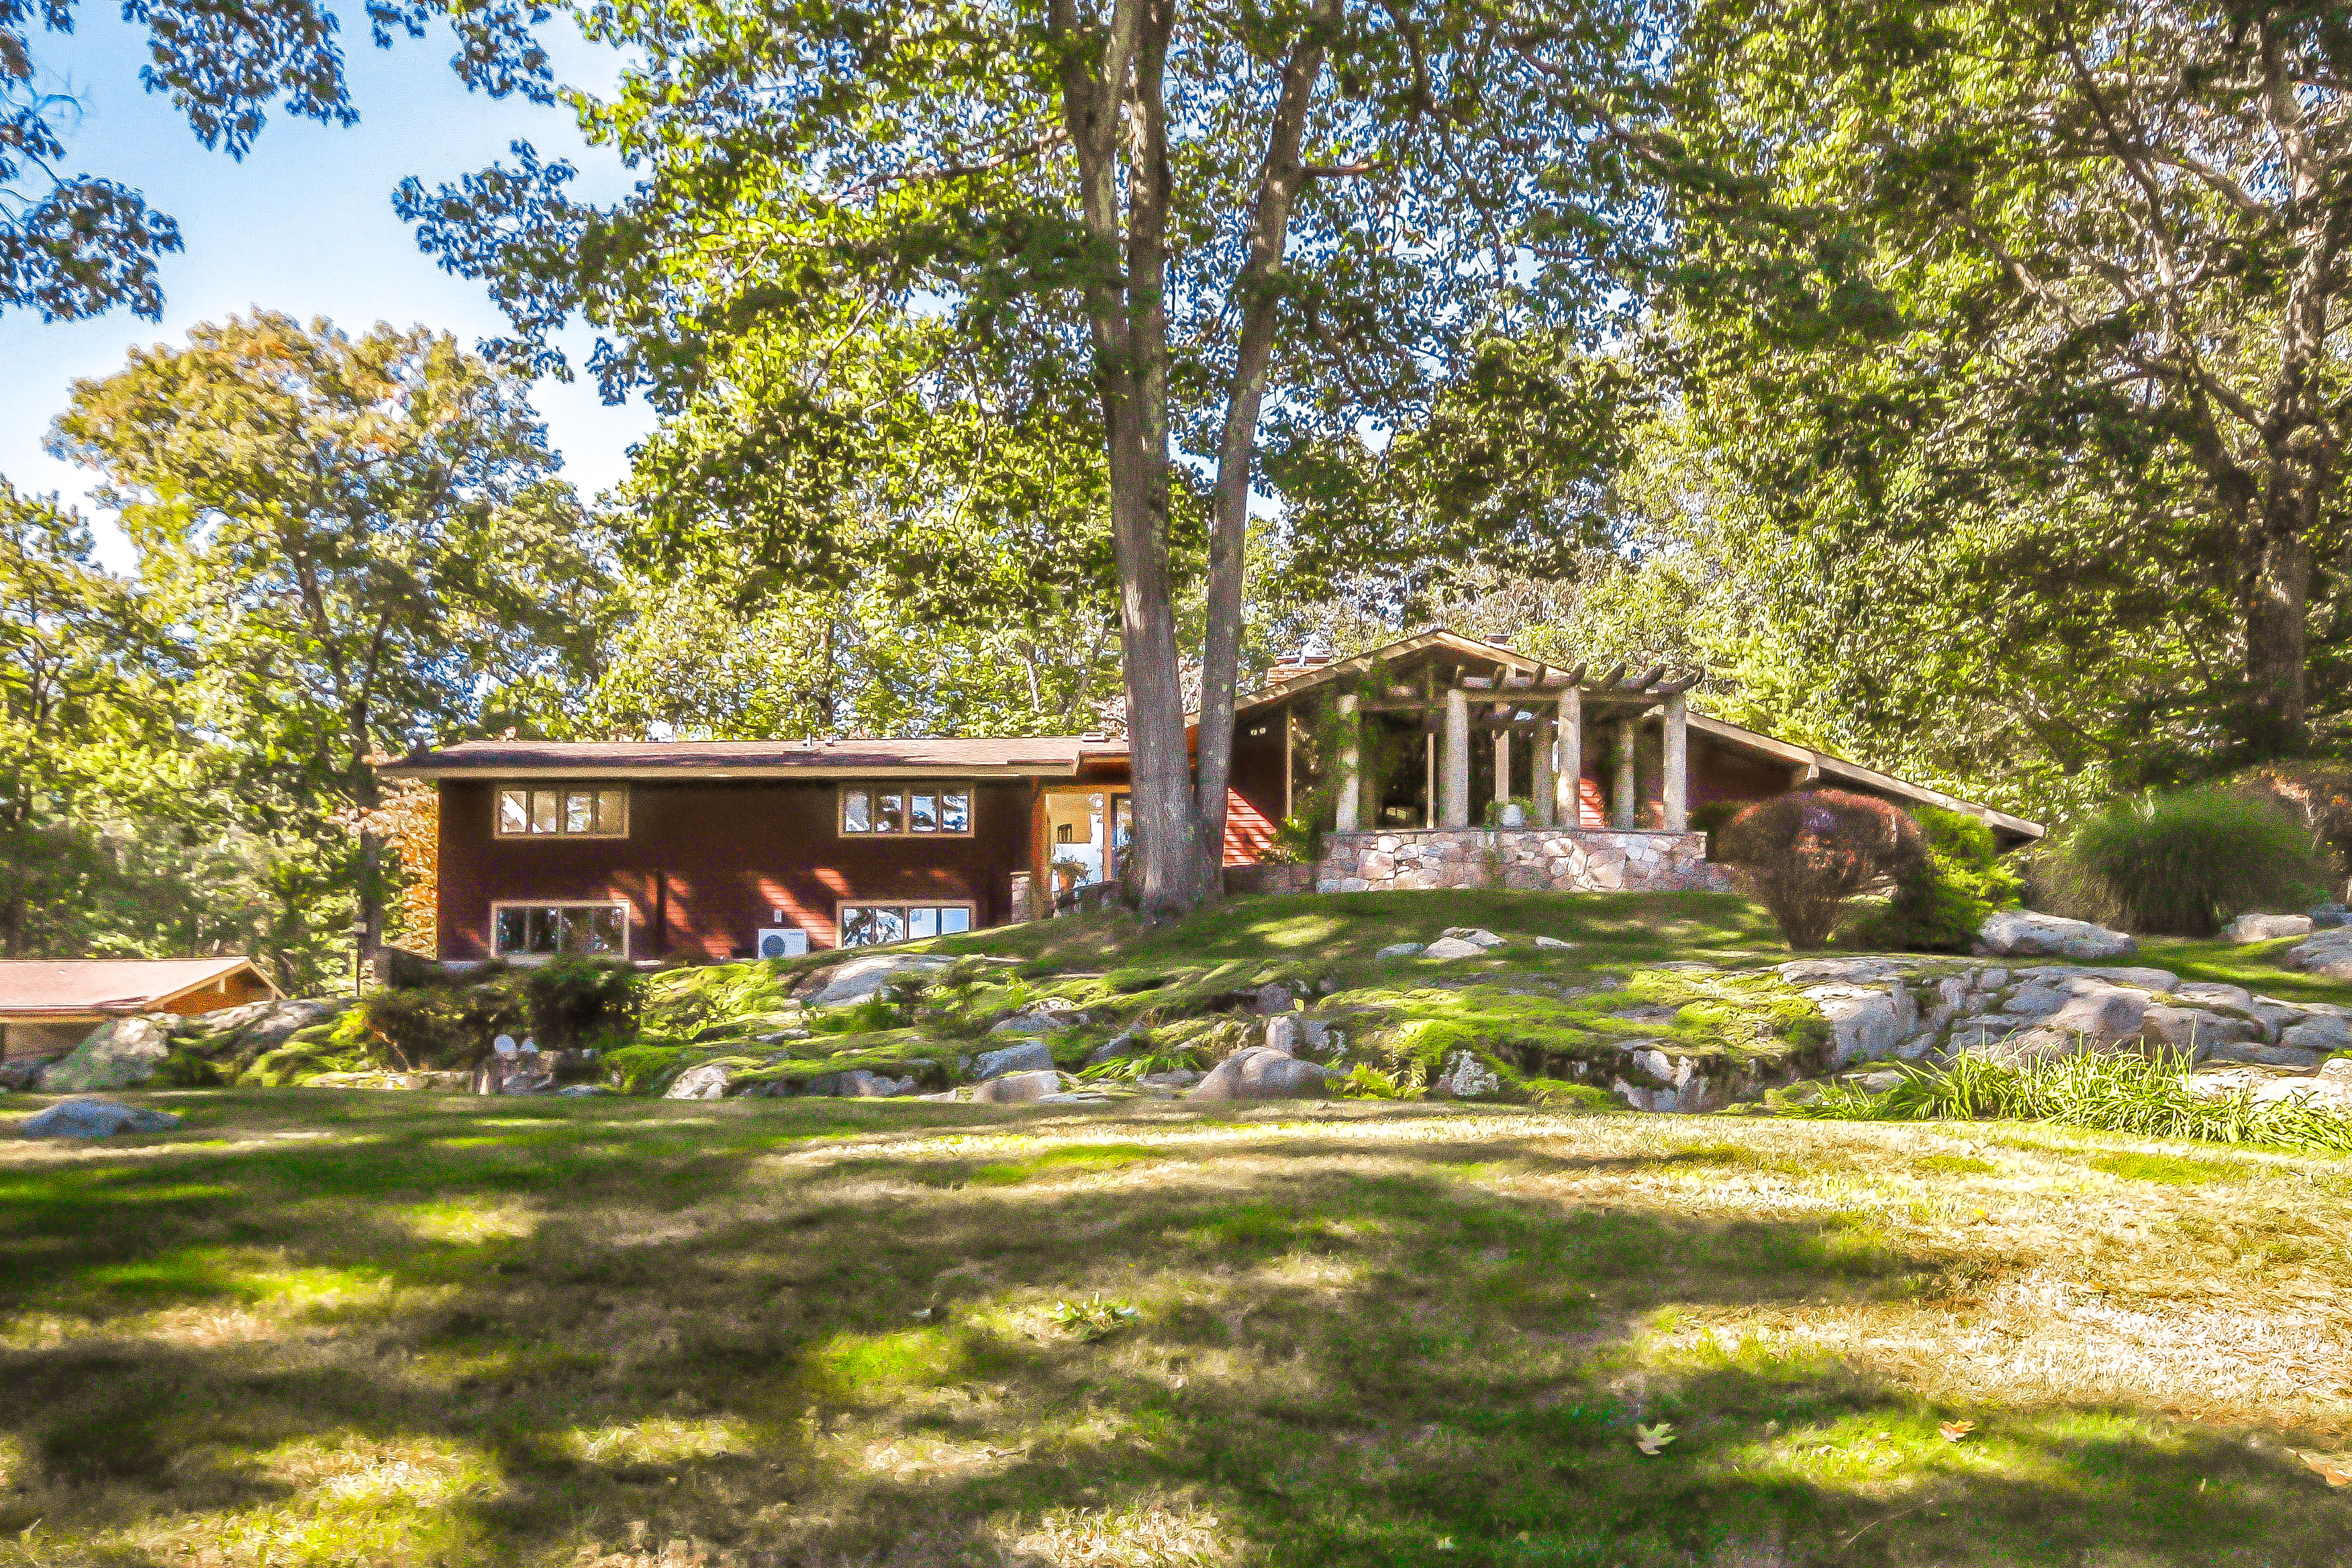 Casa Unifamiliar por un Venta en Privacy & Unparalleled Views 135 Old Branchville Road Ridgefield, Connecticut, 06877 Estados Unidos